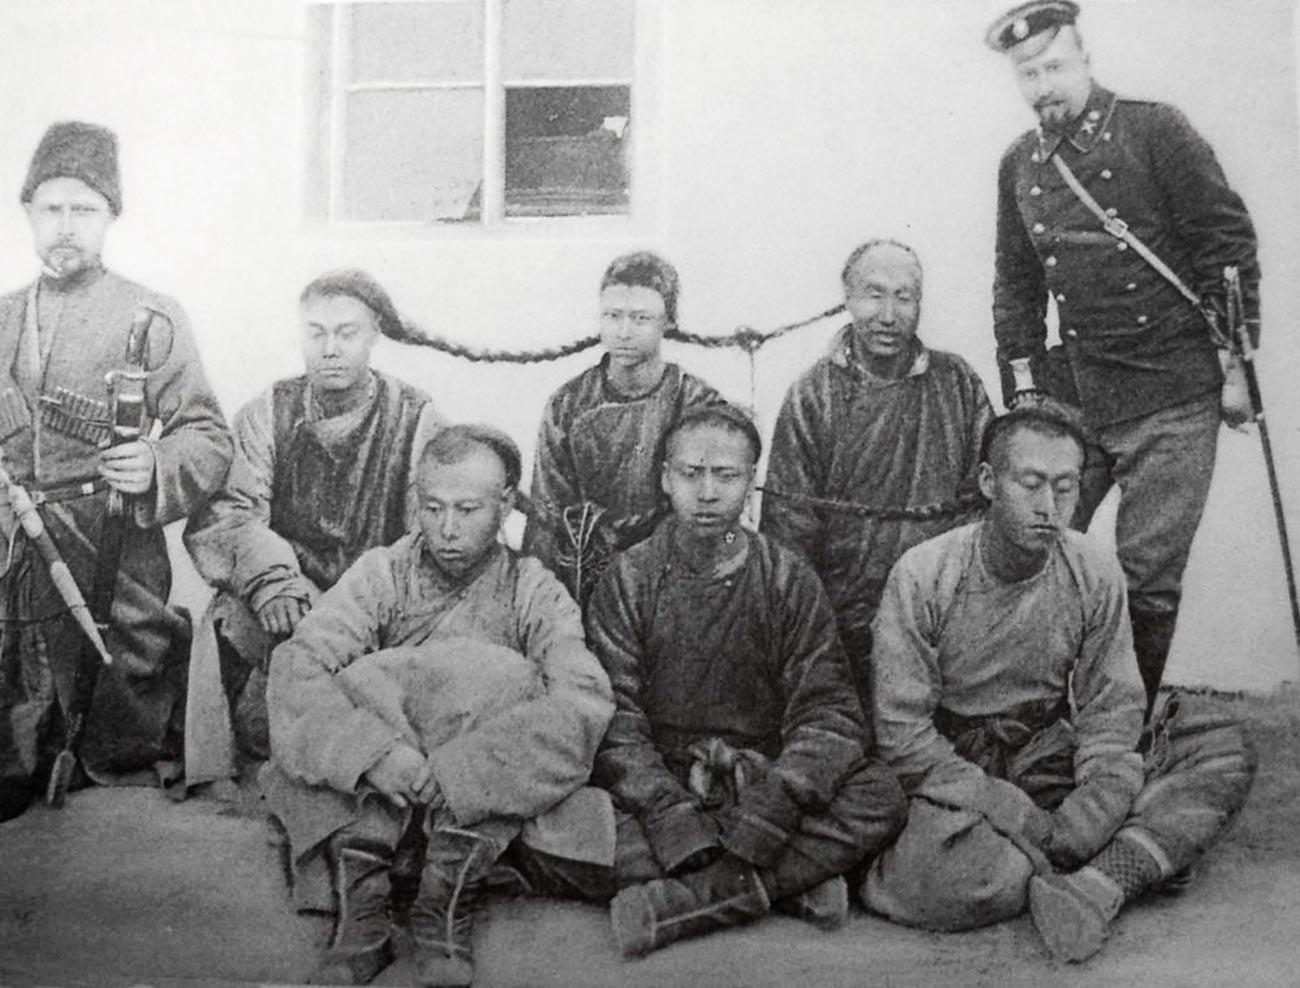 Припадници обезбеђења Кинеске источне железнице са групом ухапшених хунхуза. Манџурија, почетак 20. века.